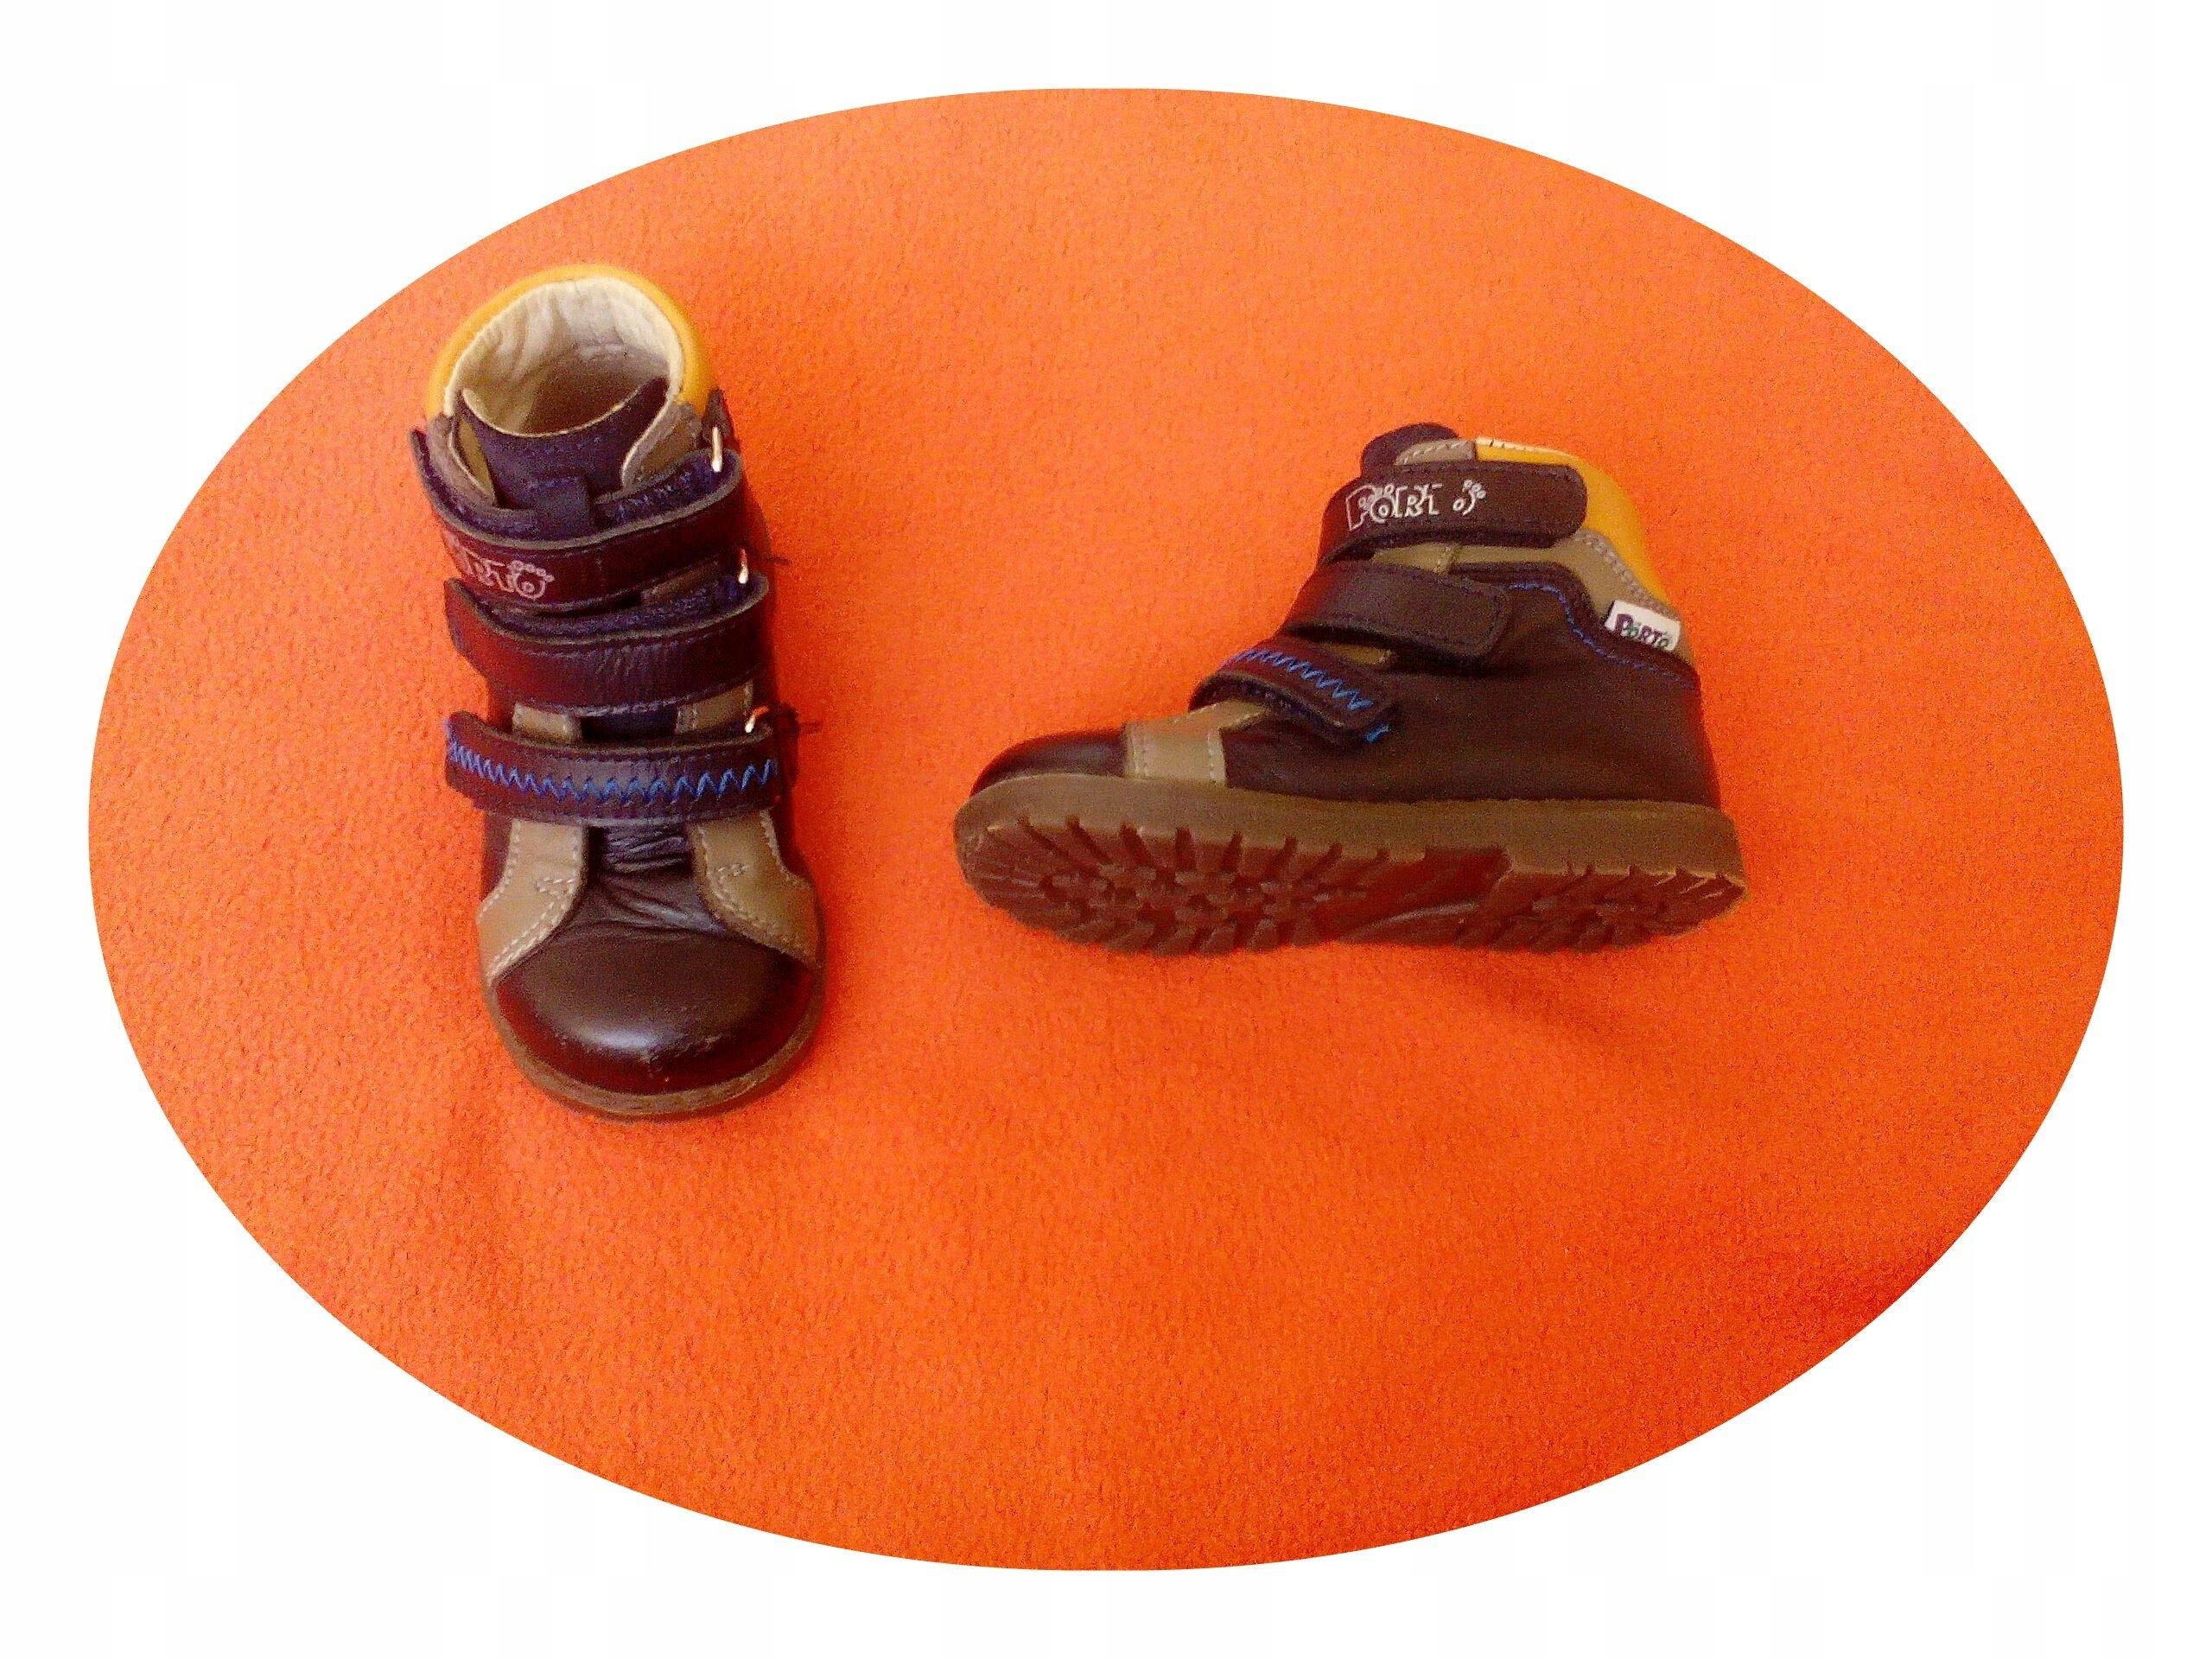 89fca350 Porto buty chłopięce trzewiki rozmiar 22 - 7205020872 - oficjalne ...